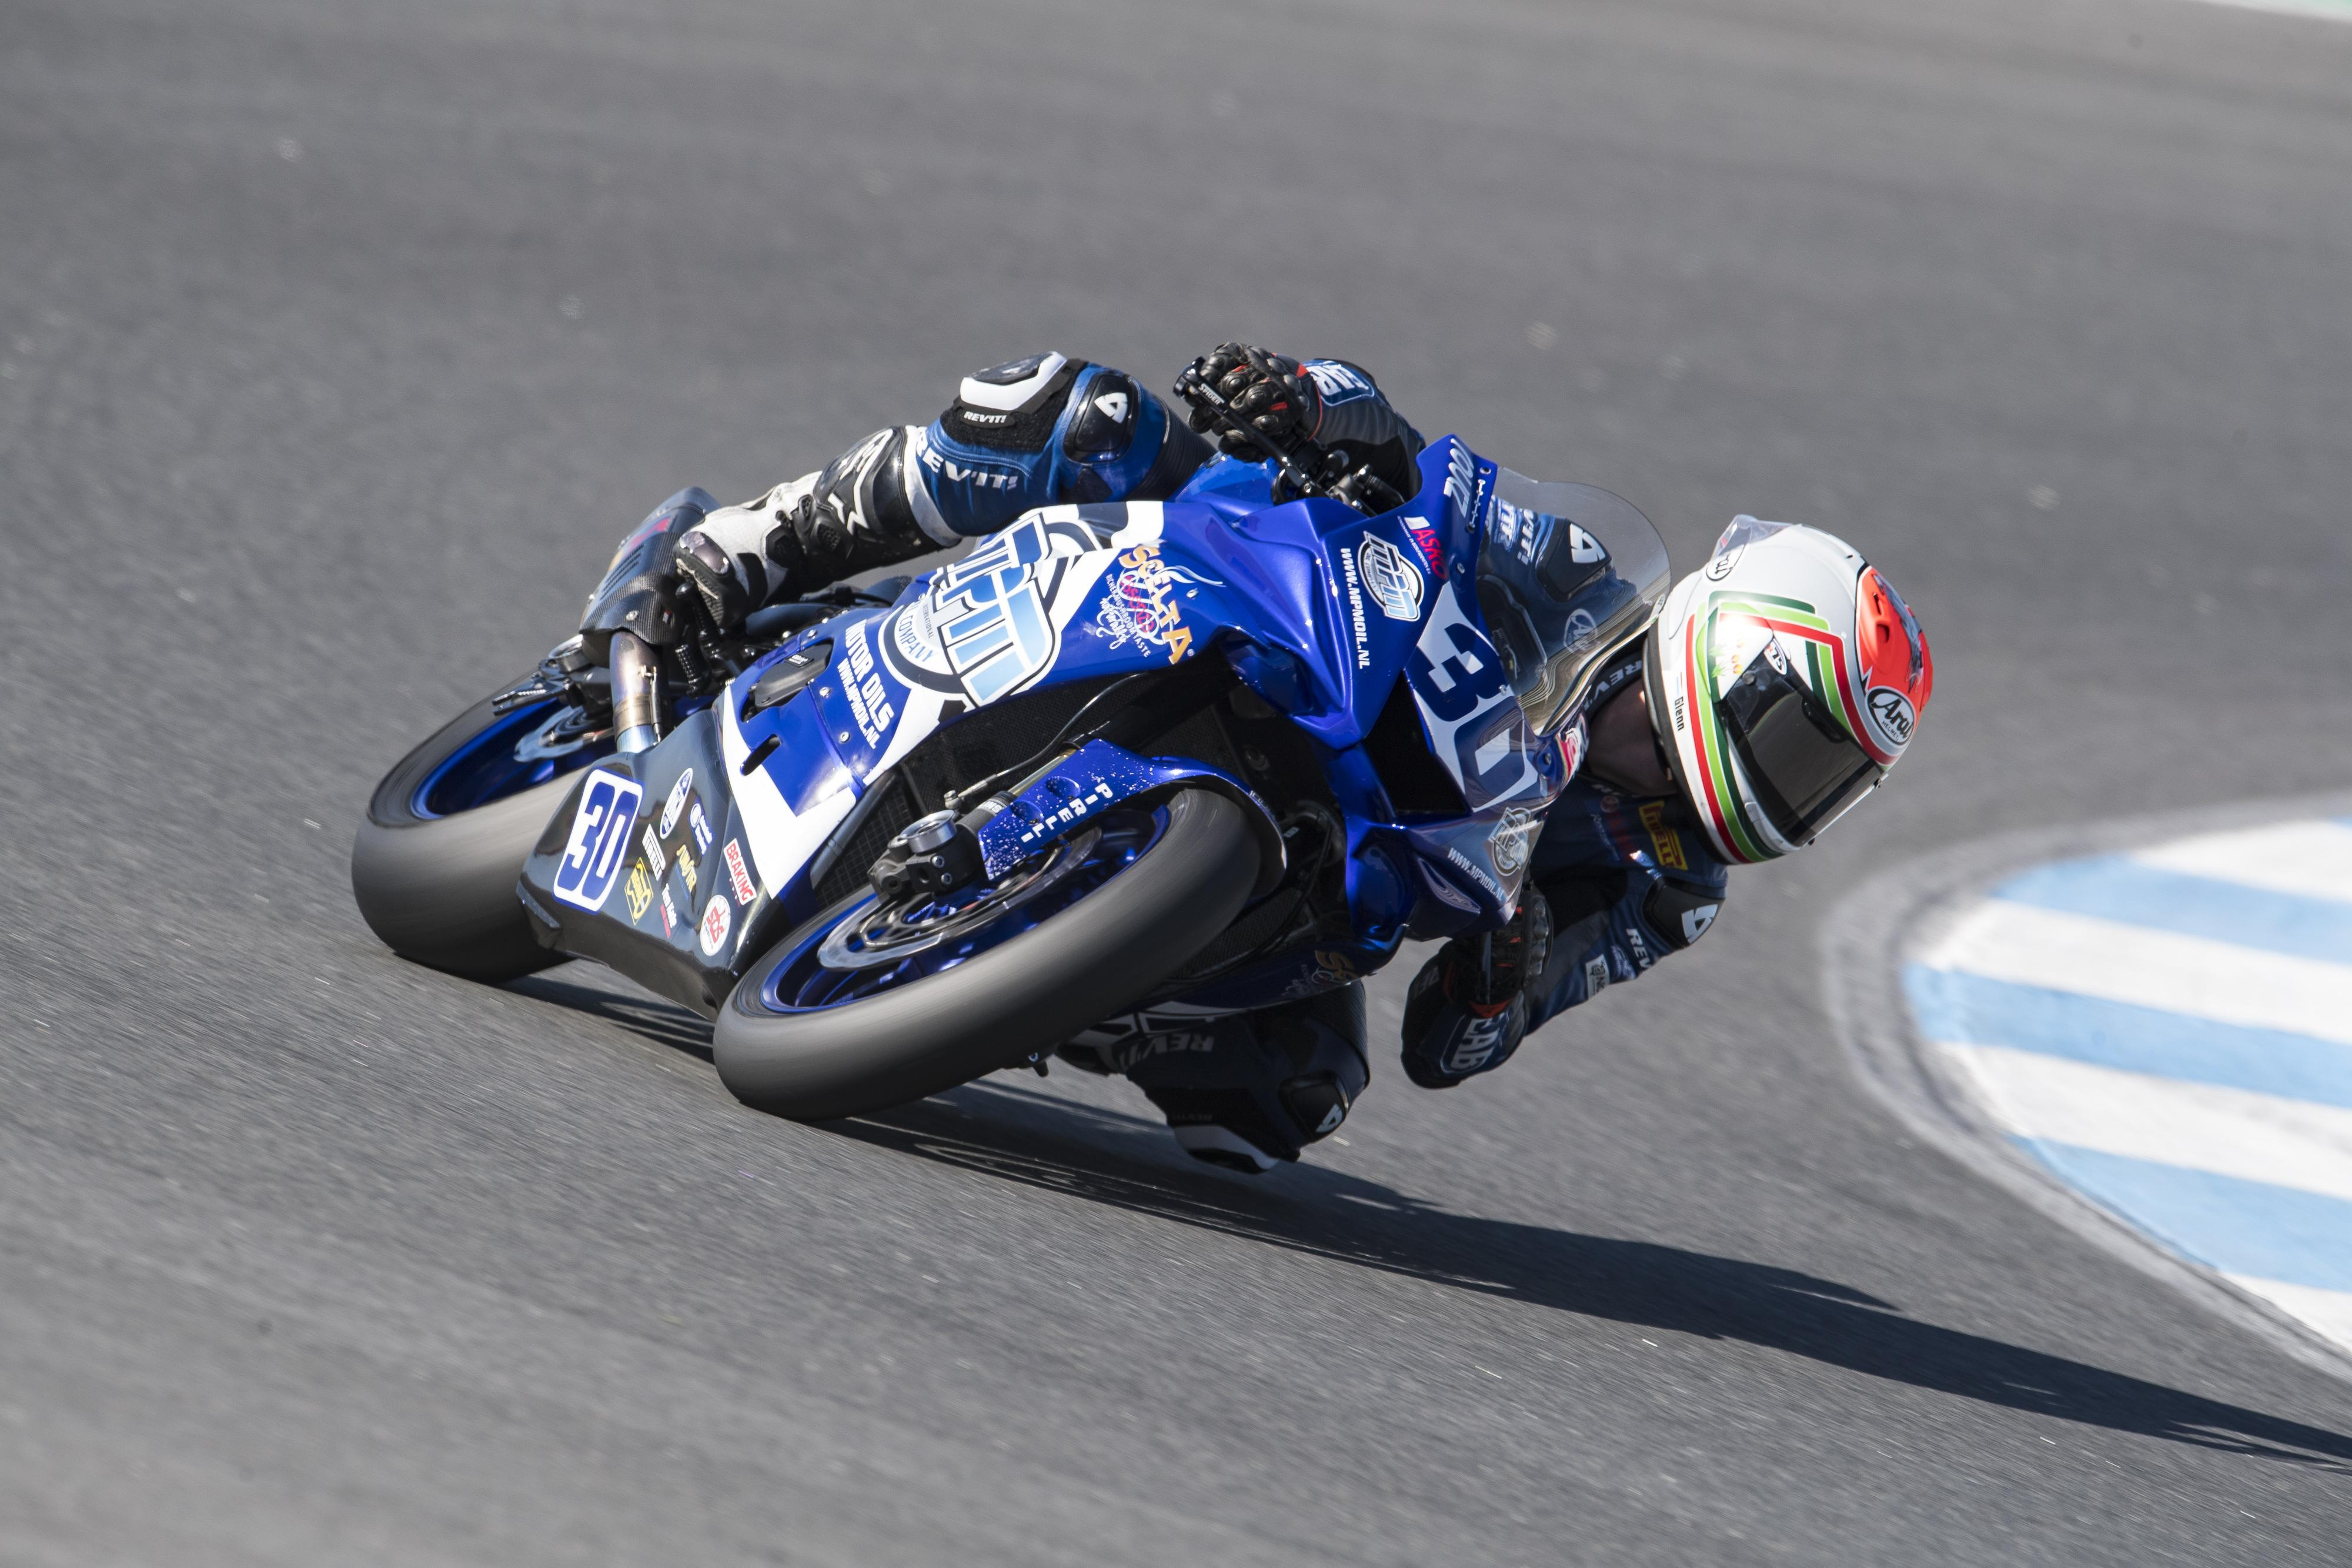 Motorcoureur Glenn van Straalen kent moeizaam seizoenseinde: 'Het tempo was niet voldoende om voor de punten te strijden'